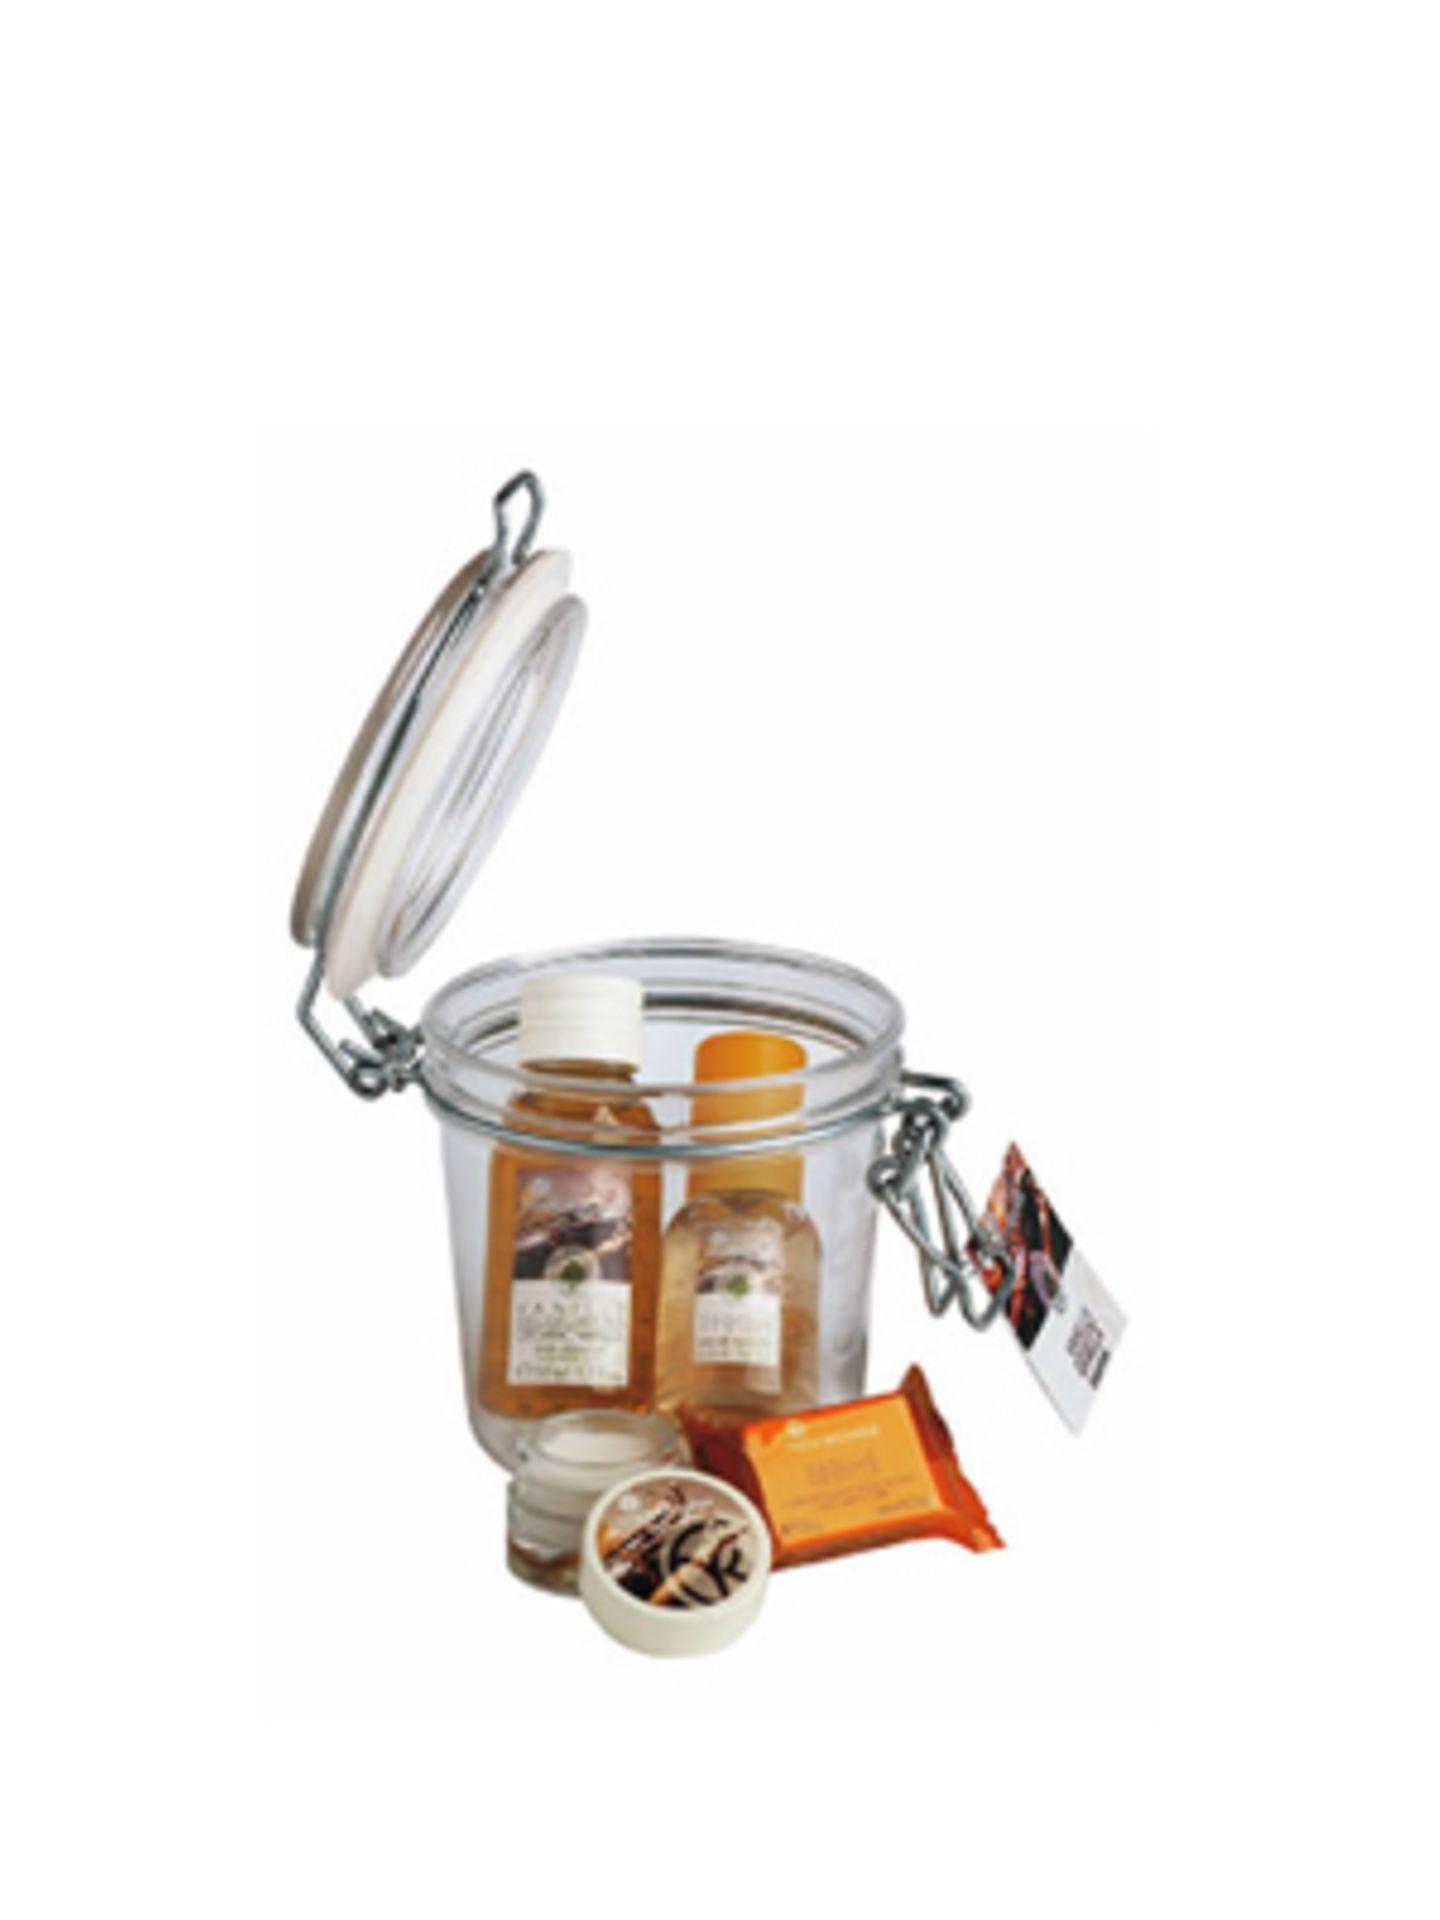 """Geschenkset """"Vanille"""" mit Duschbad, Eau de Toilette, Badewürfel und pflegendem Lippenbalsam von Yves Rocher, um 12 Euro."""